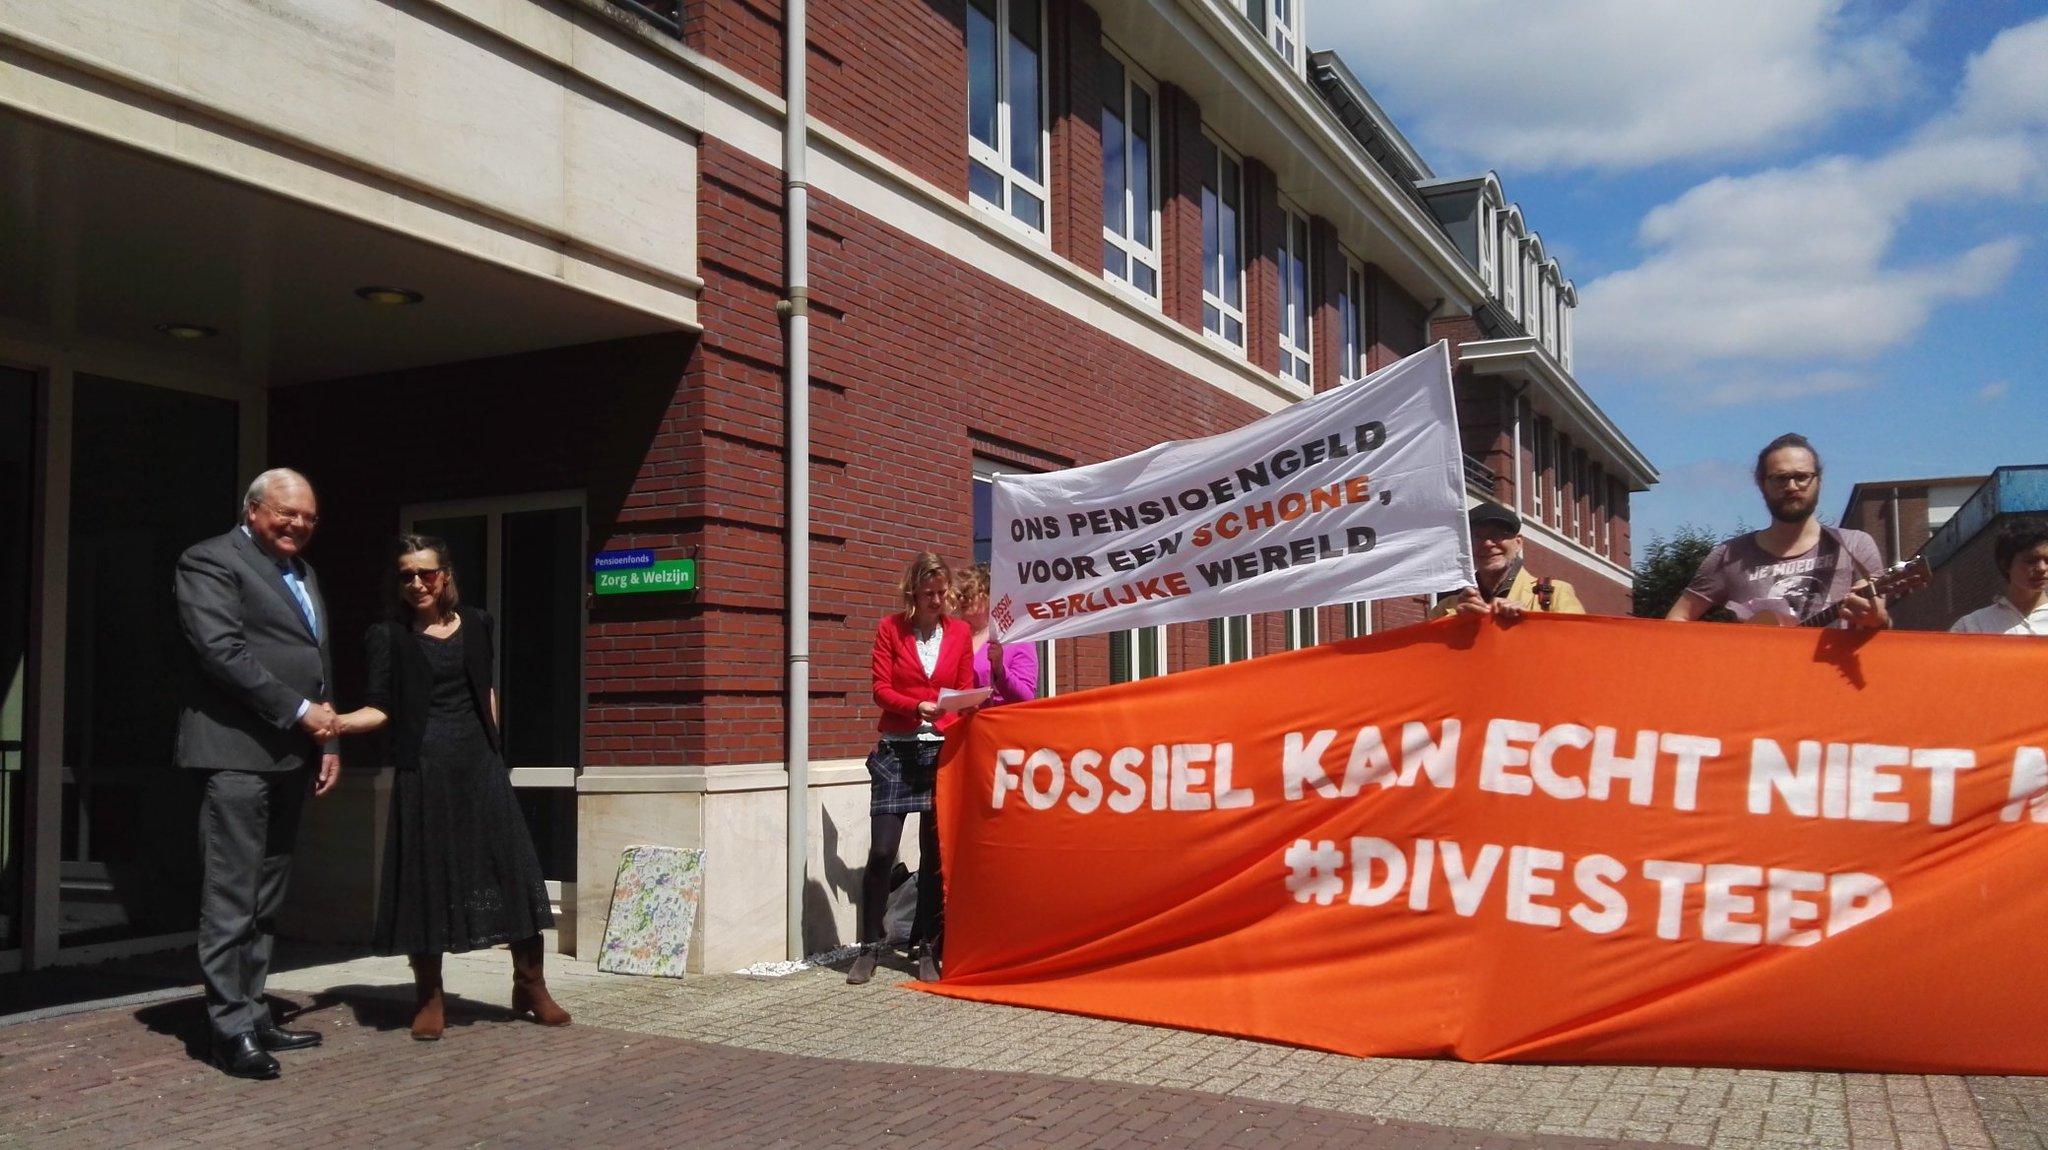 Actie bij #PFZW: verpleegkundige OLVG Josee roept directeur Borgdorff op '#Divesteer uit fossiele brandstoffen, ga voor schone samenleving https://t.co/G4hjKY71DC